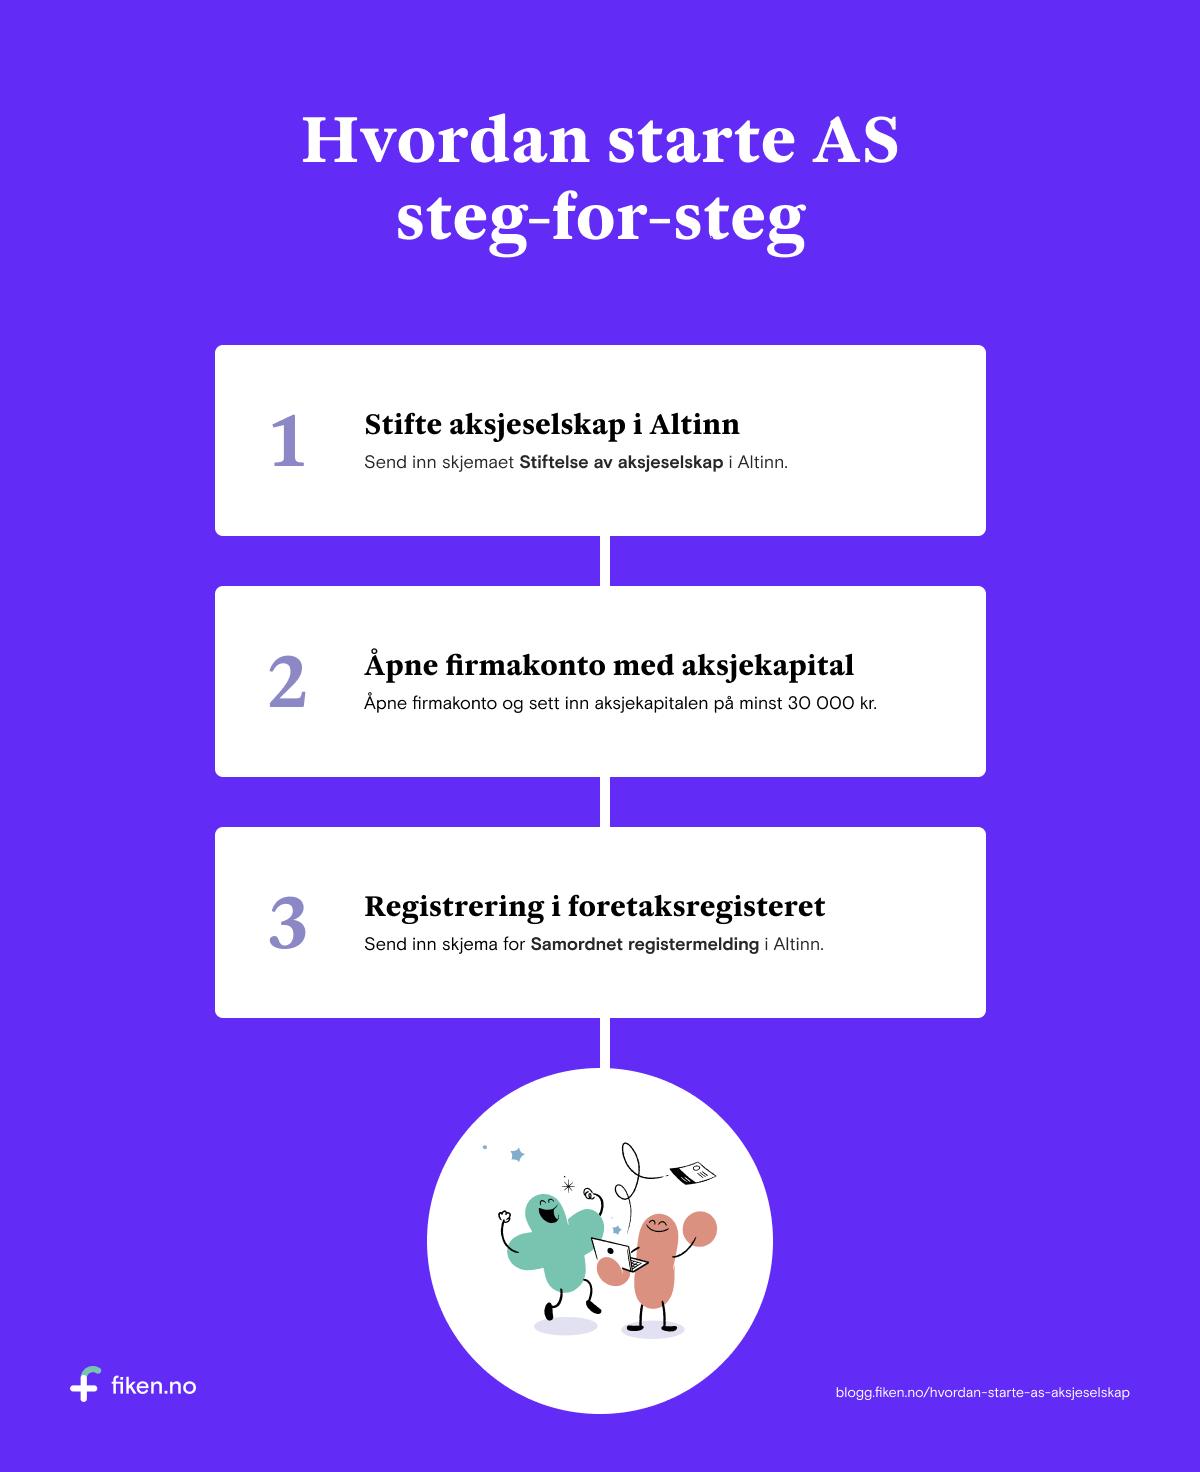 Plakat som viser hvordan starte AS(aksjeselskap) steg-for-steg.